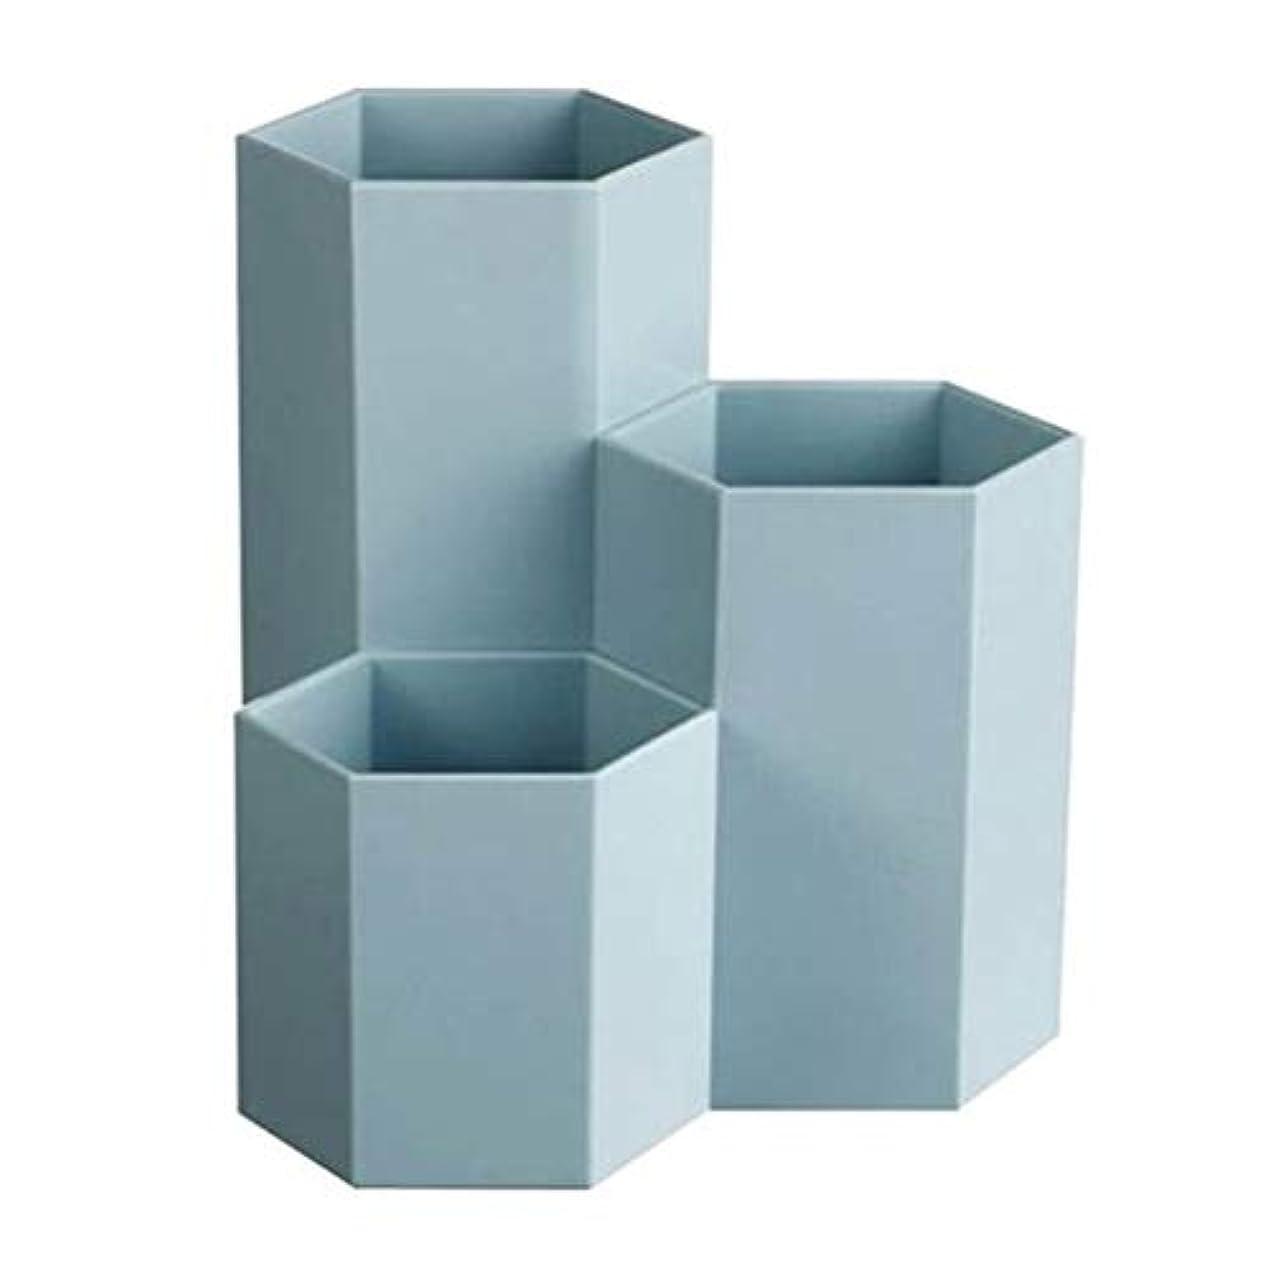 終わり家具早熟TerGOOSE 卓上収納ケース メイクブラシケース メイクブラシスタンド メイクブラシ収納ボックス メイクケース ペンホルダー 卓上文房具収納ボックス ペン立て 文房具 おしゃれ 六角 3つのグリッド 大容量 ブルー